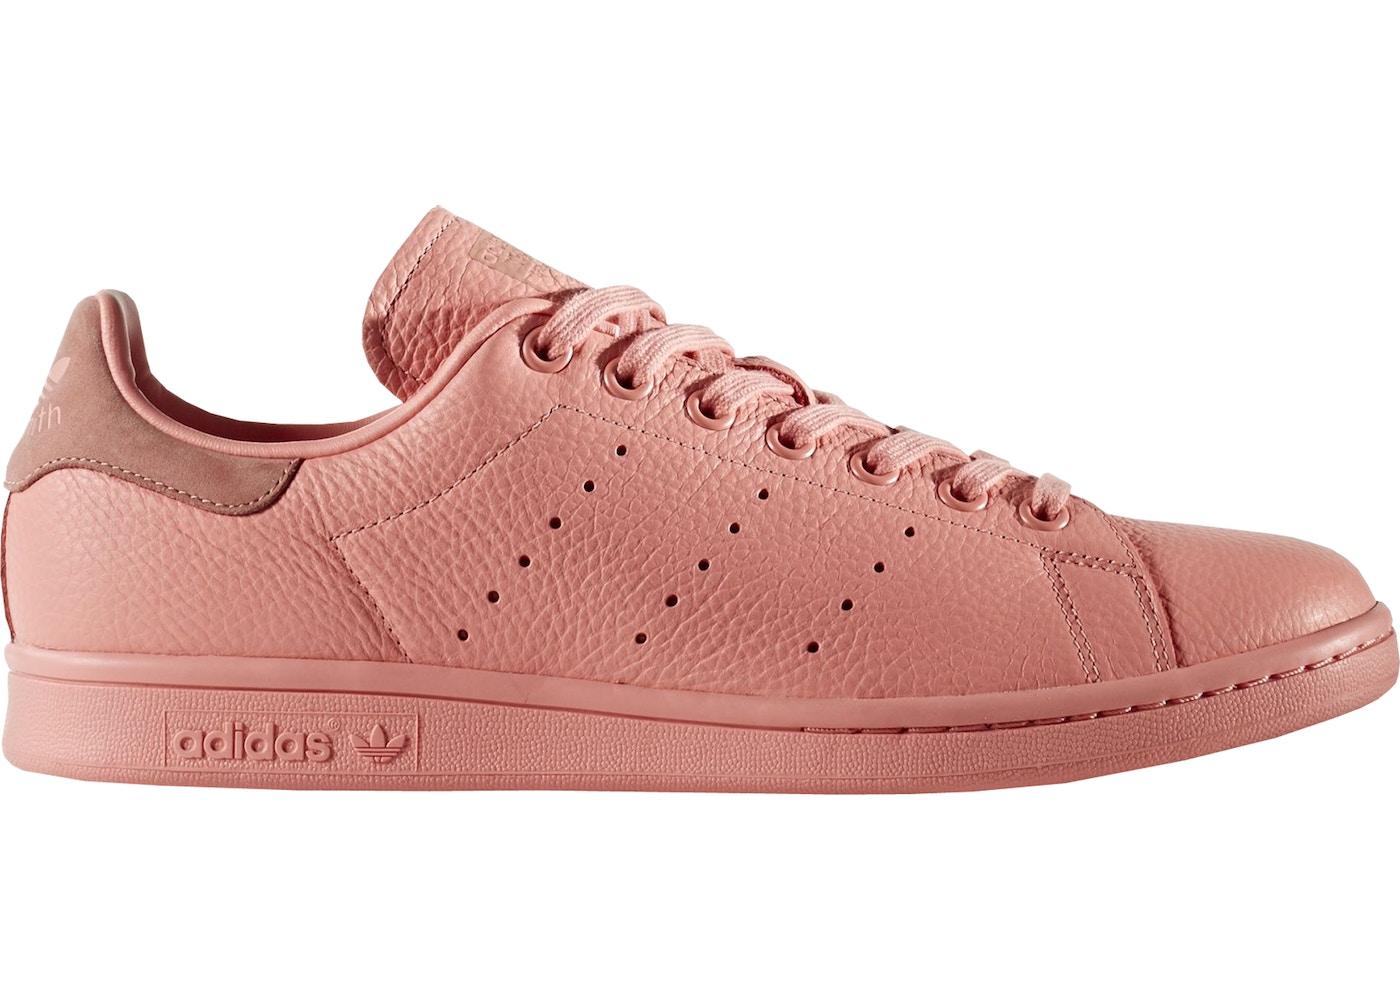 Highest 17 Bid Size Adidas Scarpe wN8Pvm0ynO